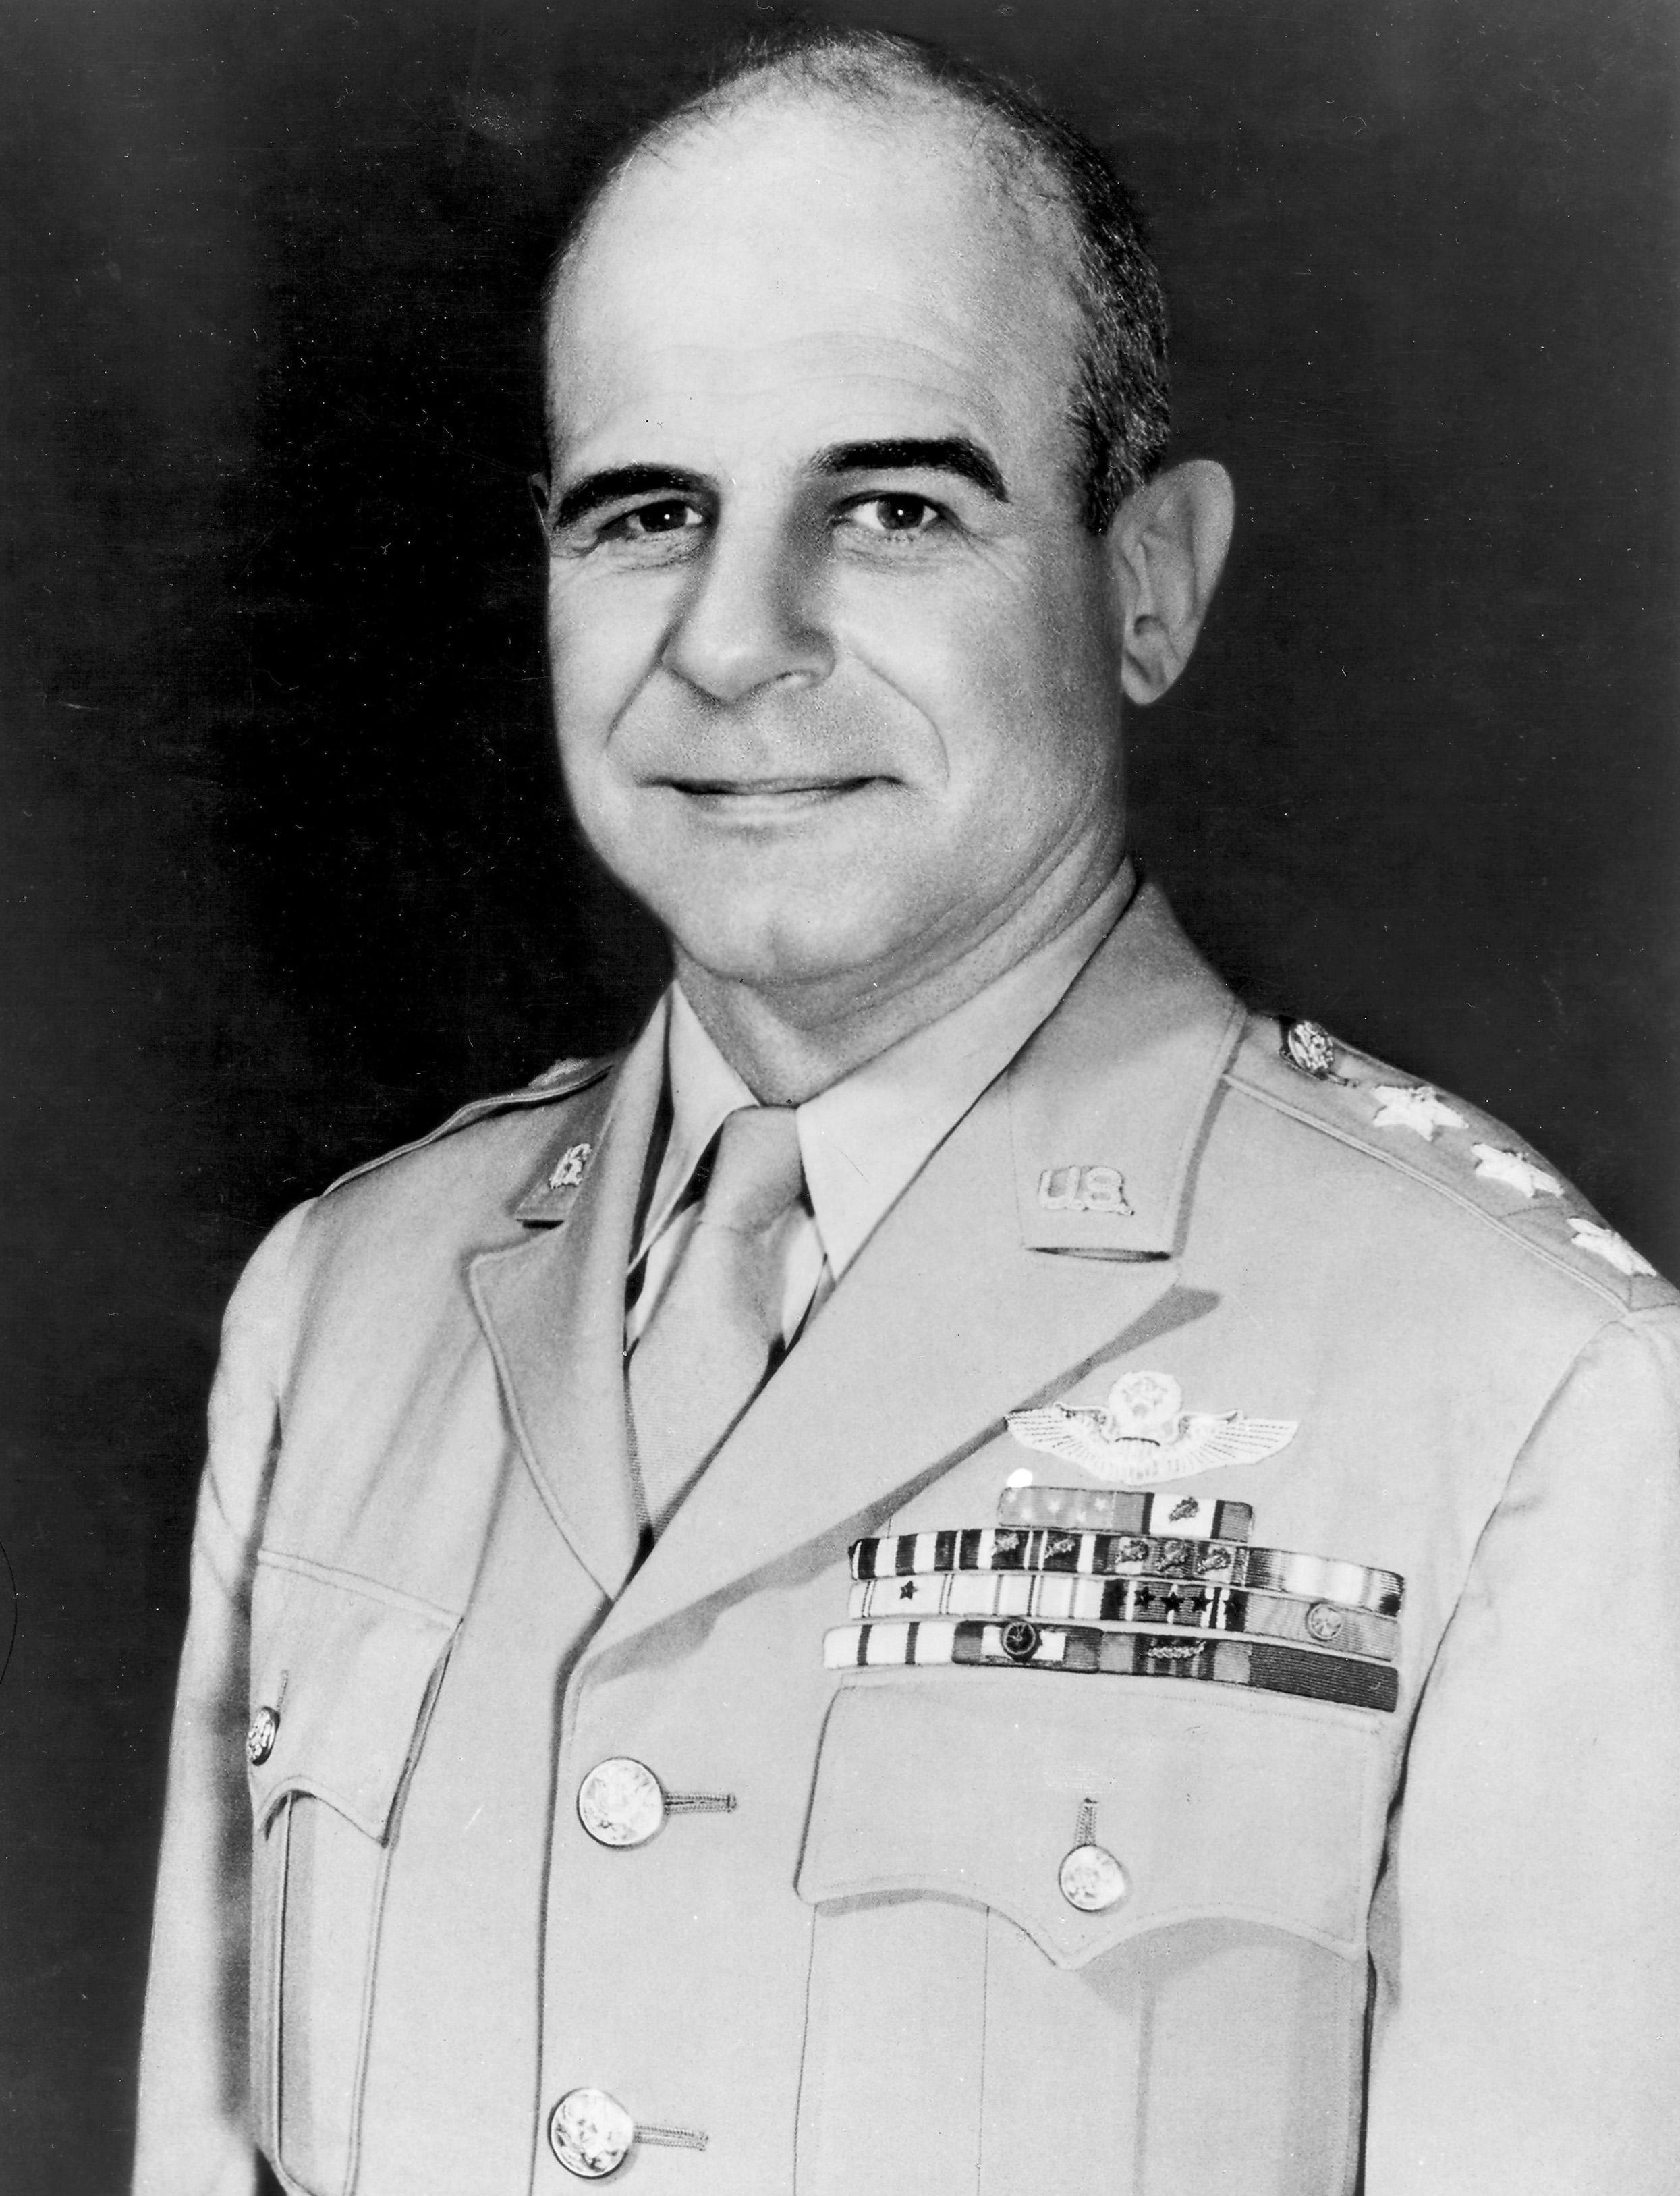 General James Doolittle